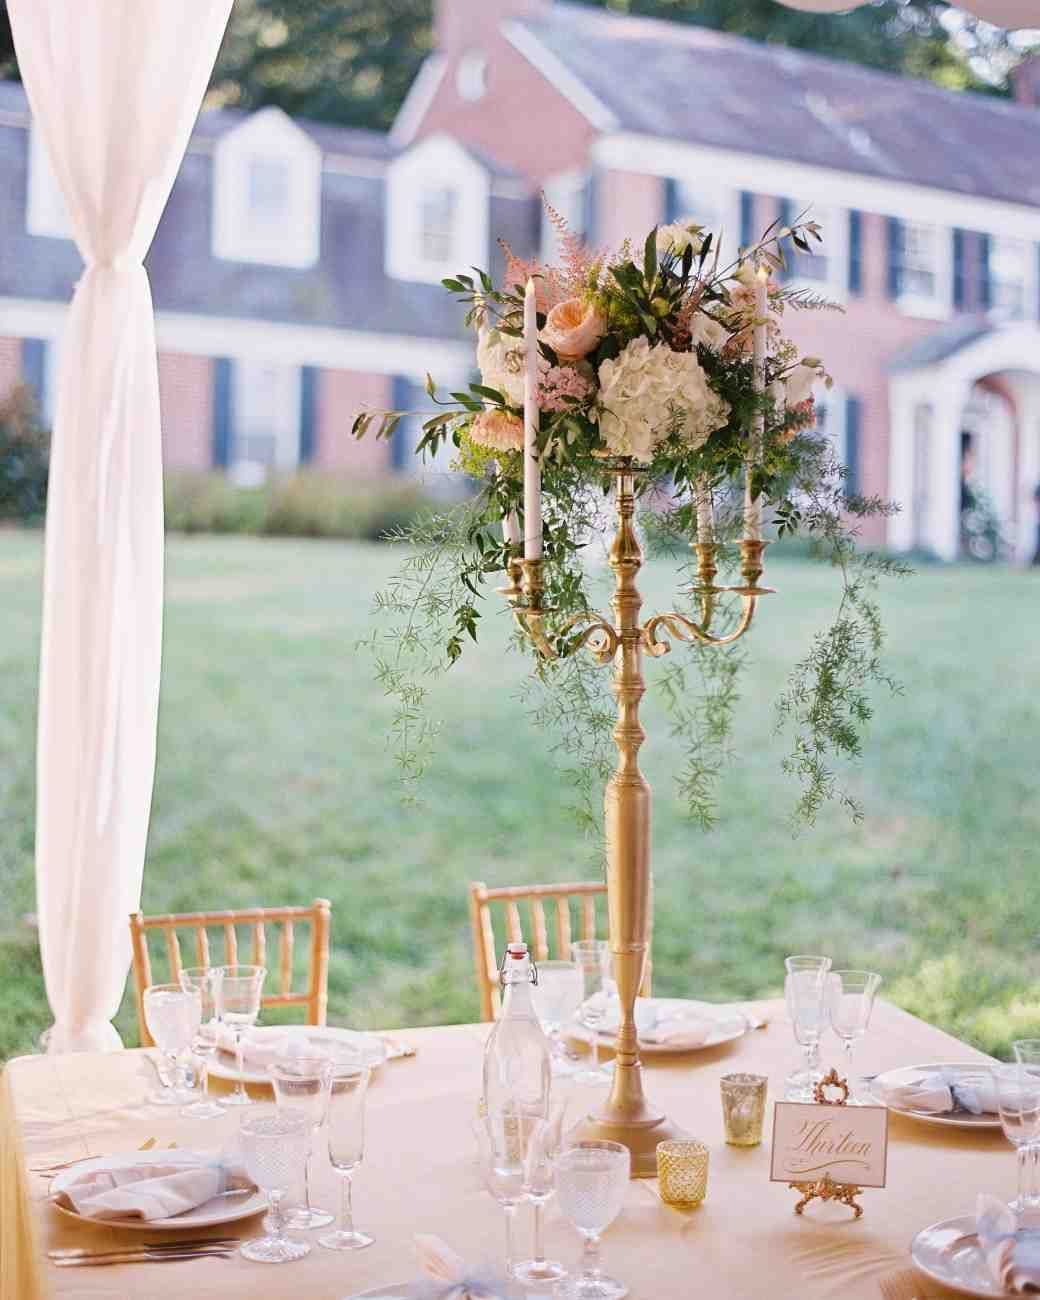 An Elegant Garden Wedding Near Baltimore Wedding Centerpieces For Sale Candle Wedding Centerpieces Candelabra Wedding Centerpieces